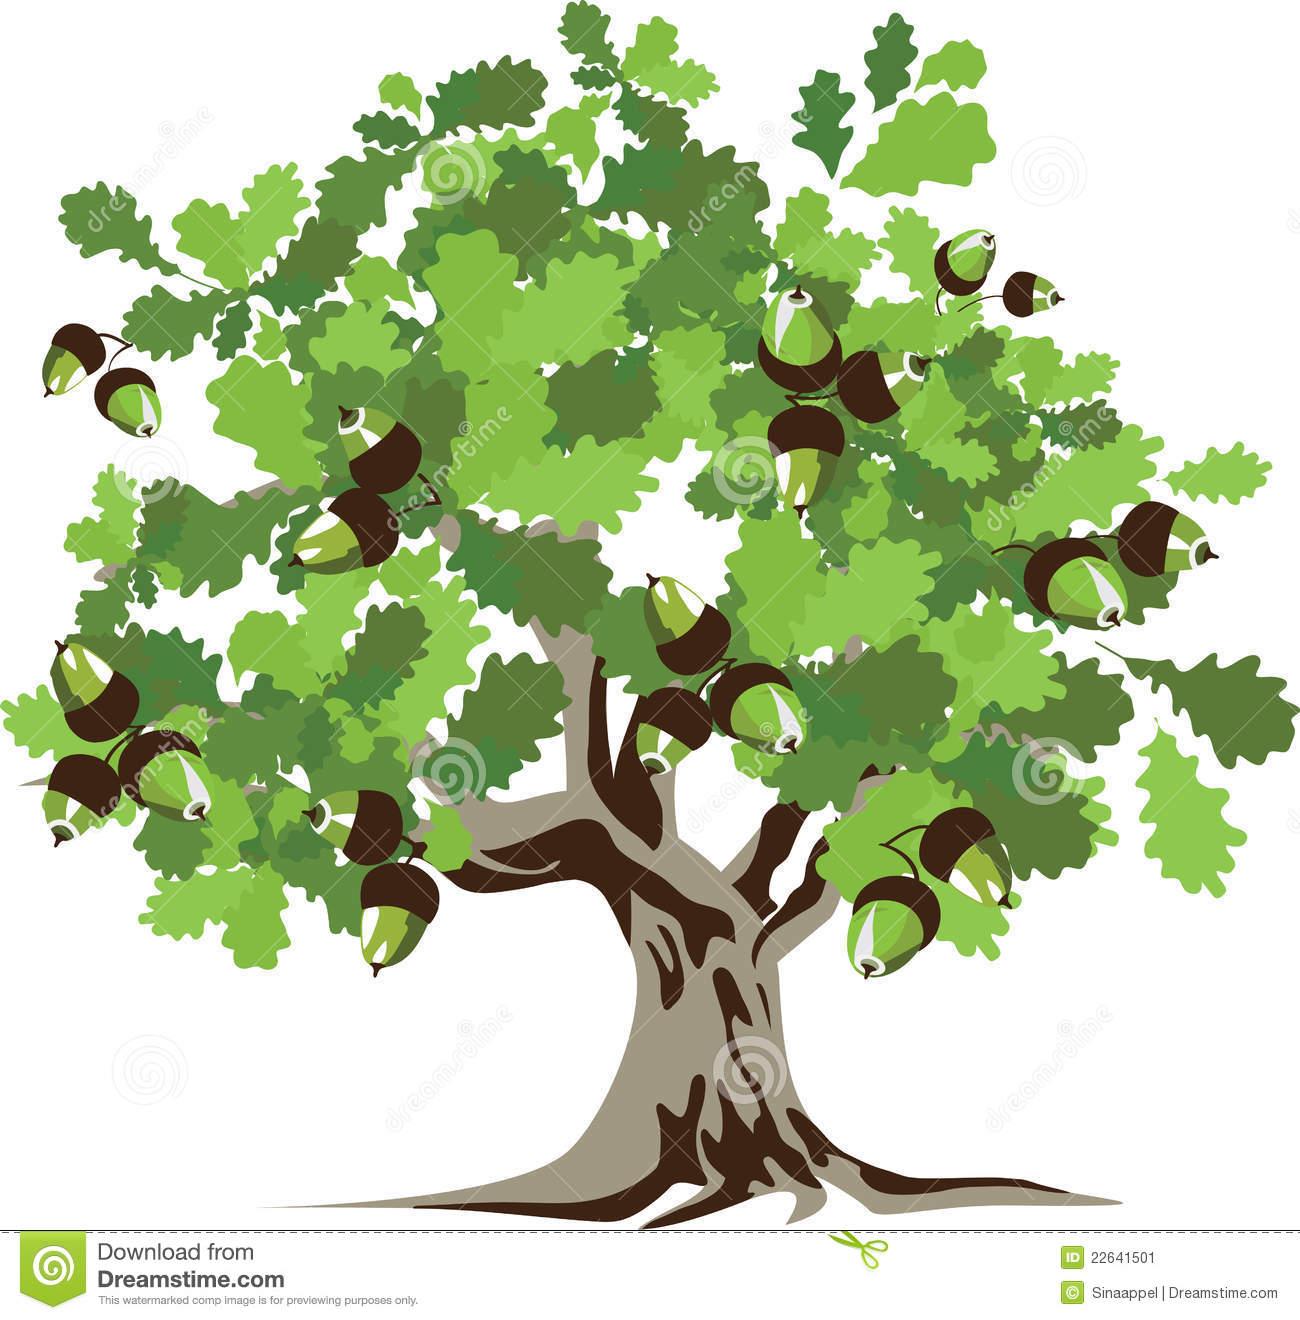 Рисунок дерева дуба с желудями 3